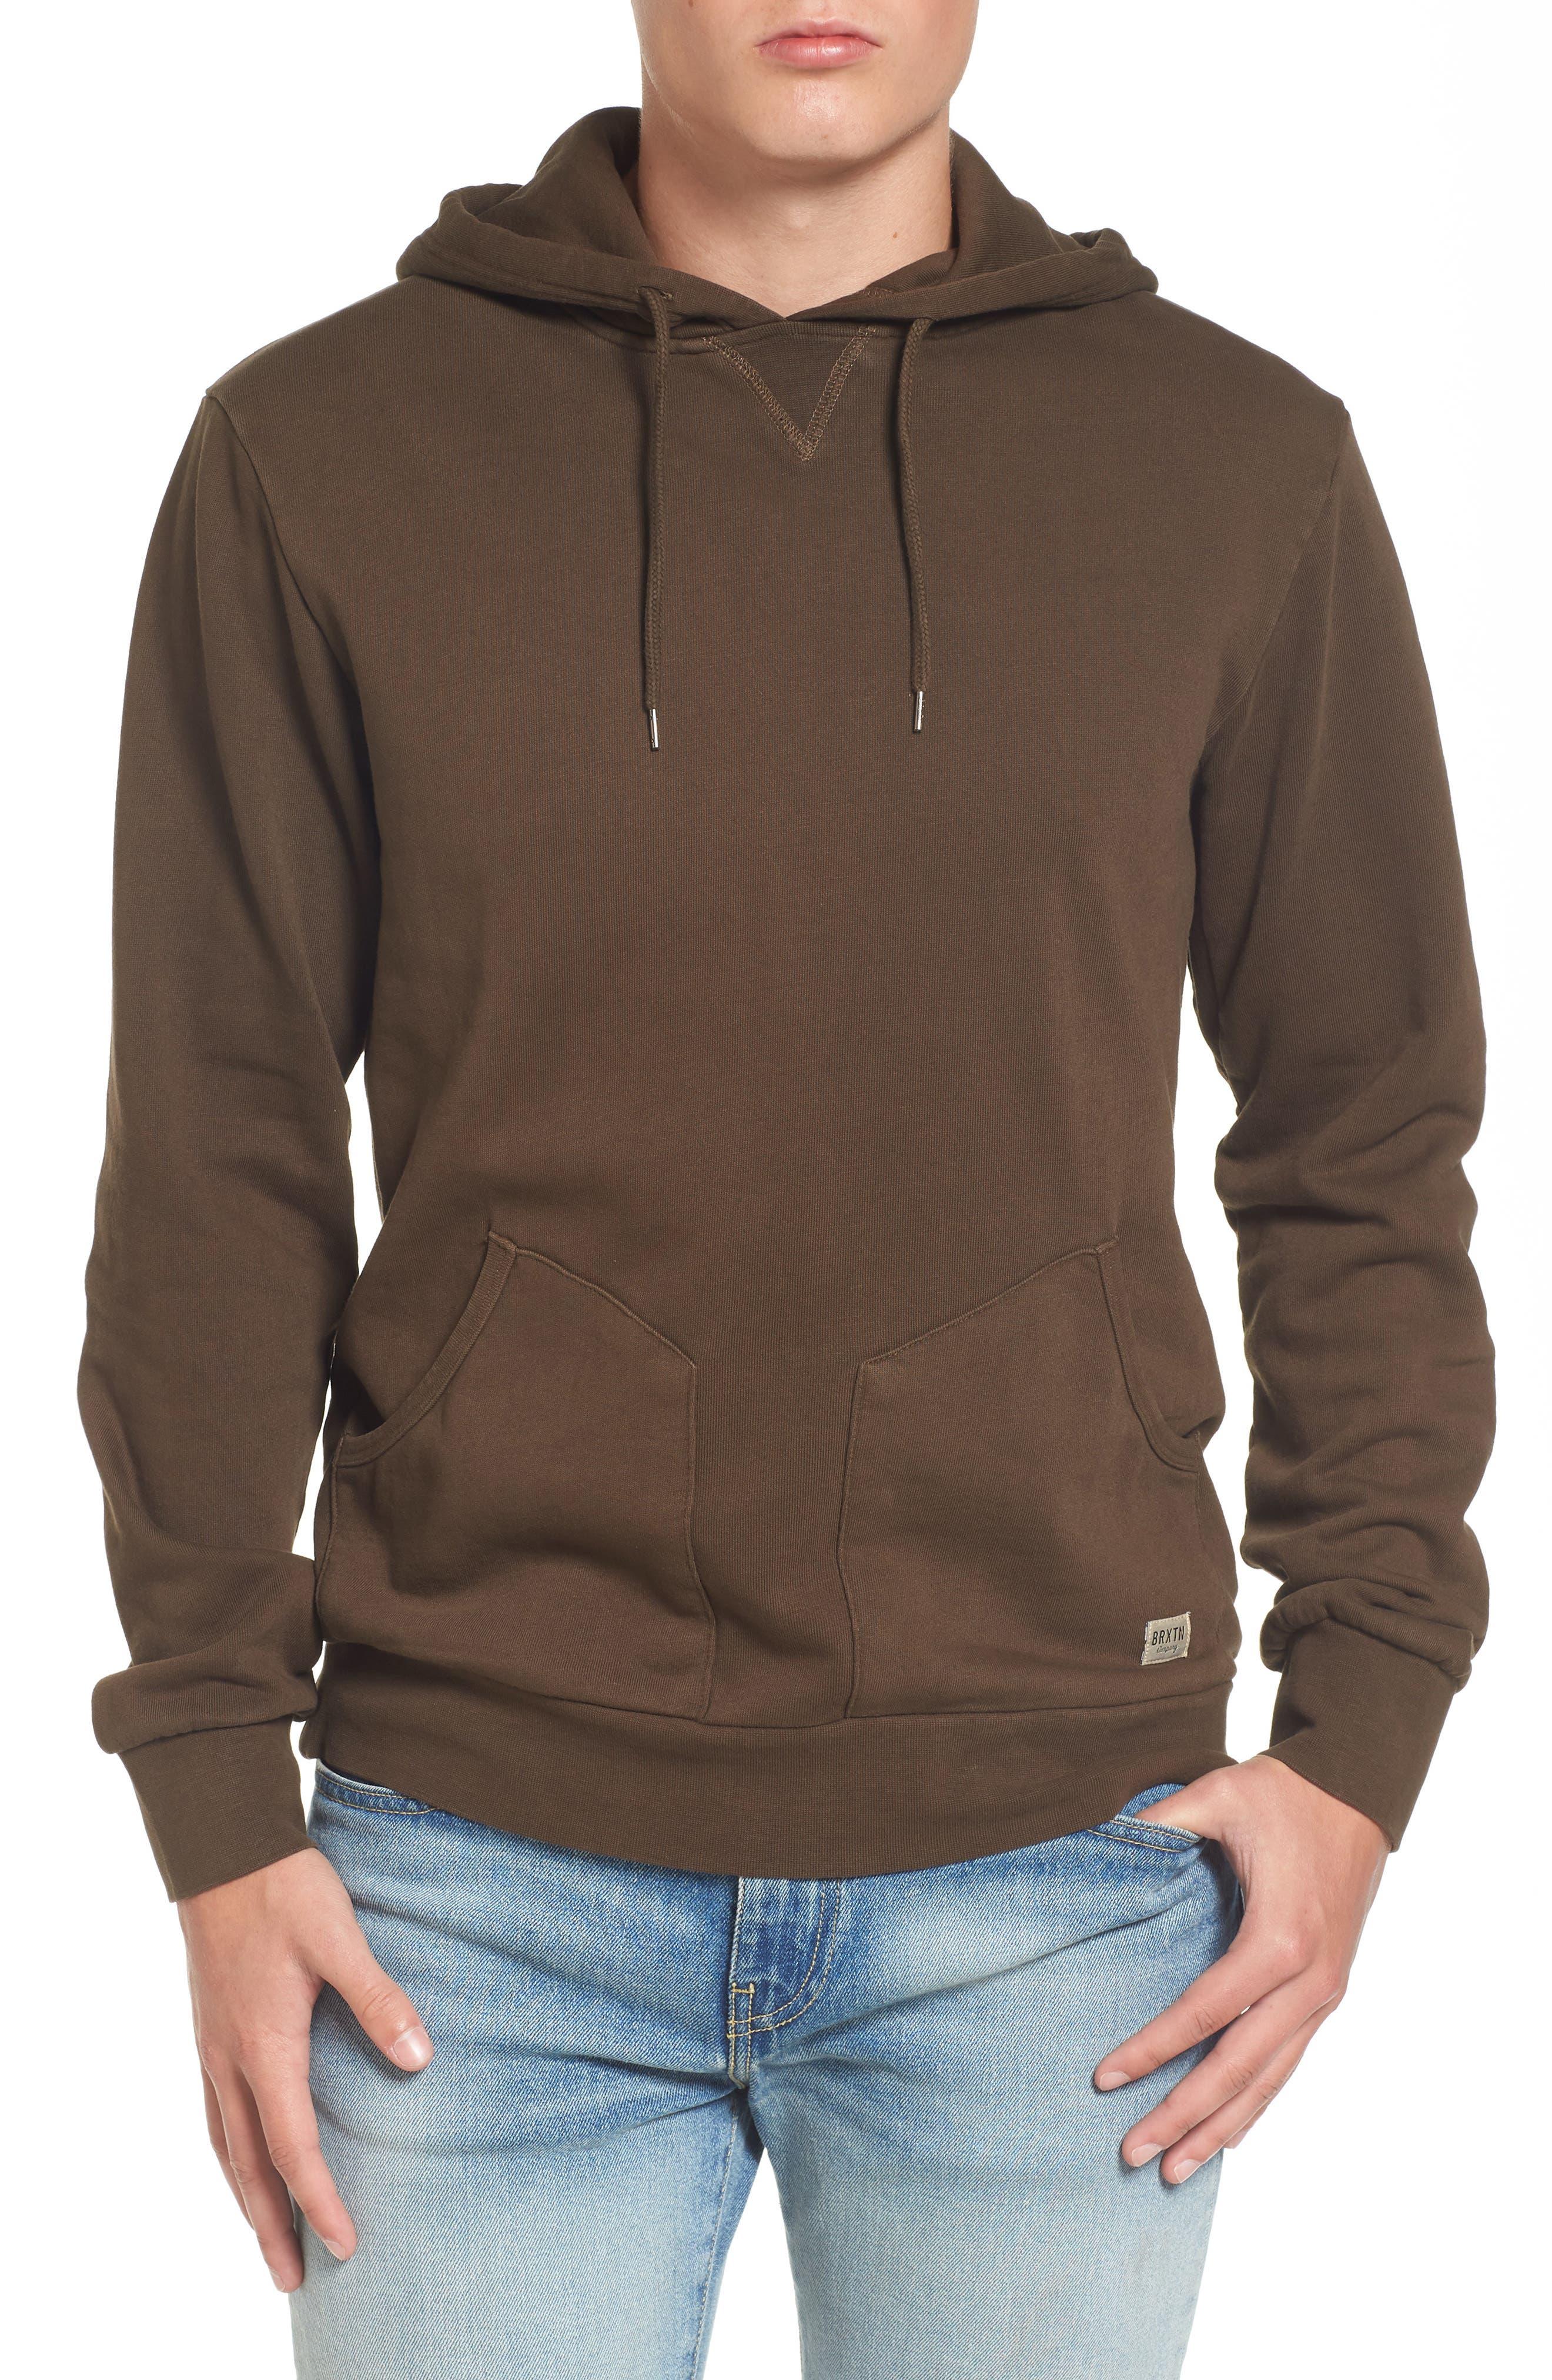 Hooded Fleece Sweatshirt,                             Main thumbnail 1, color,                             210